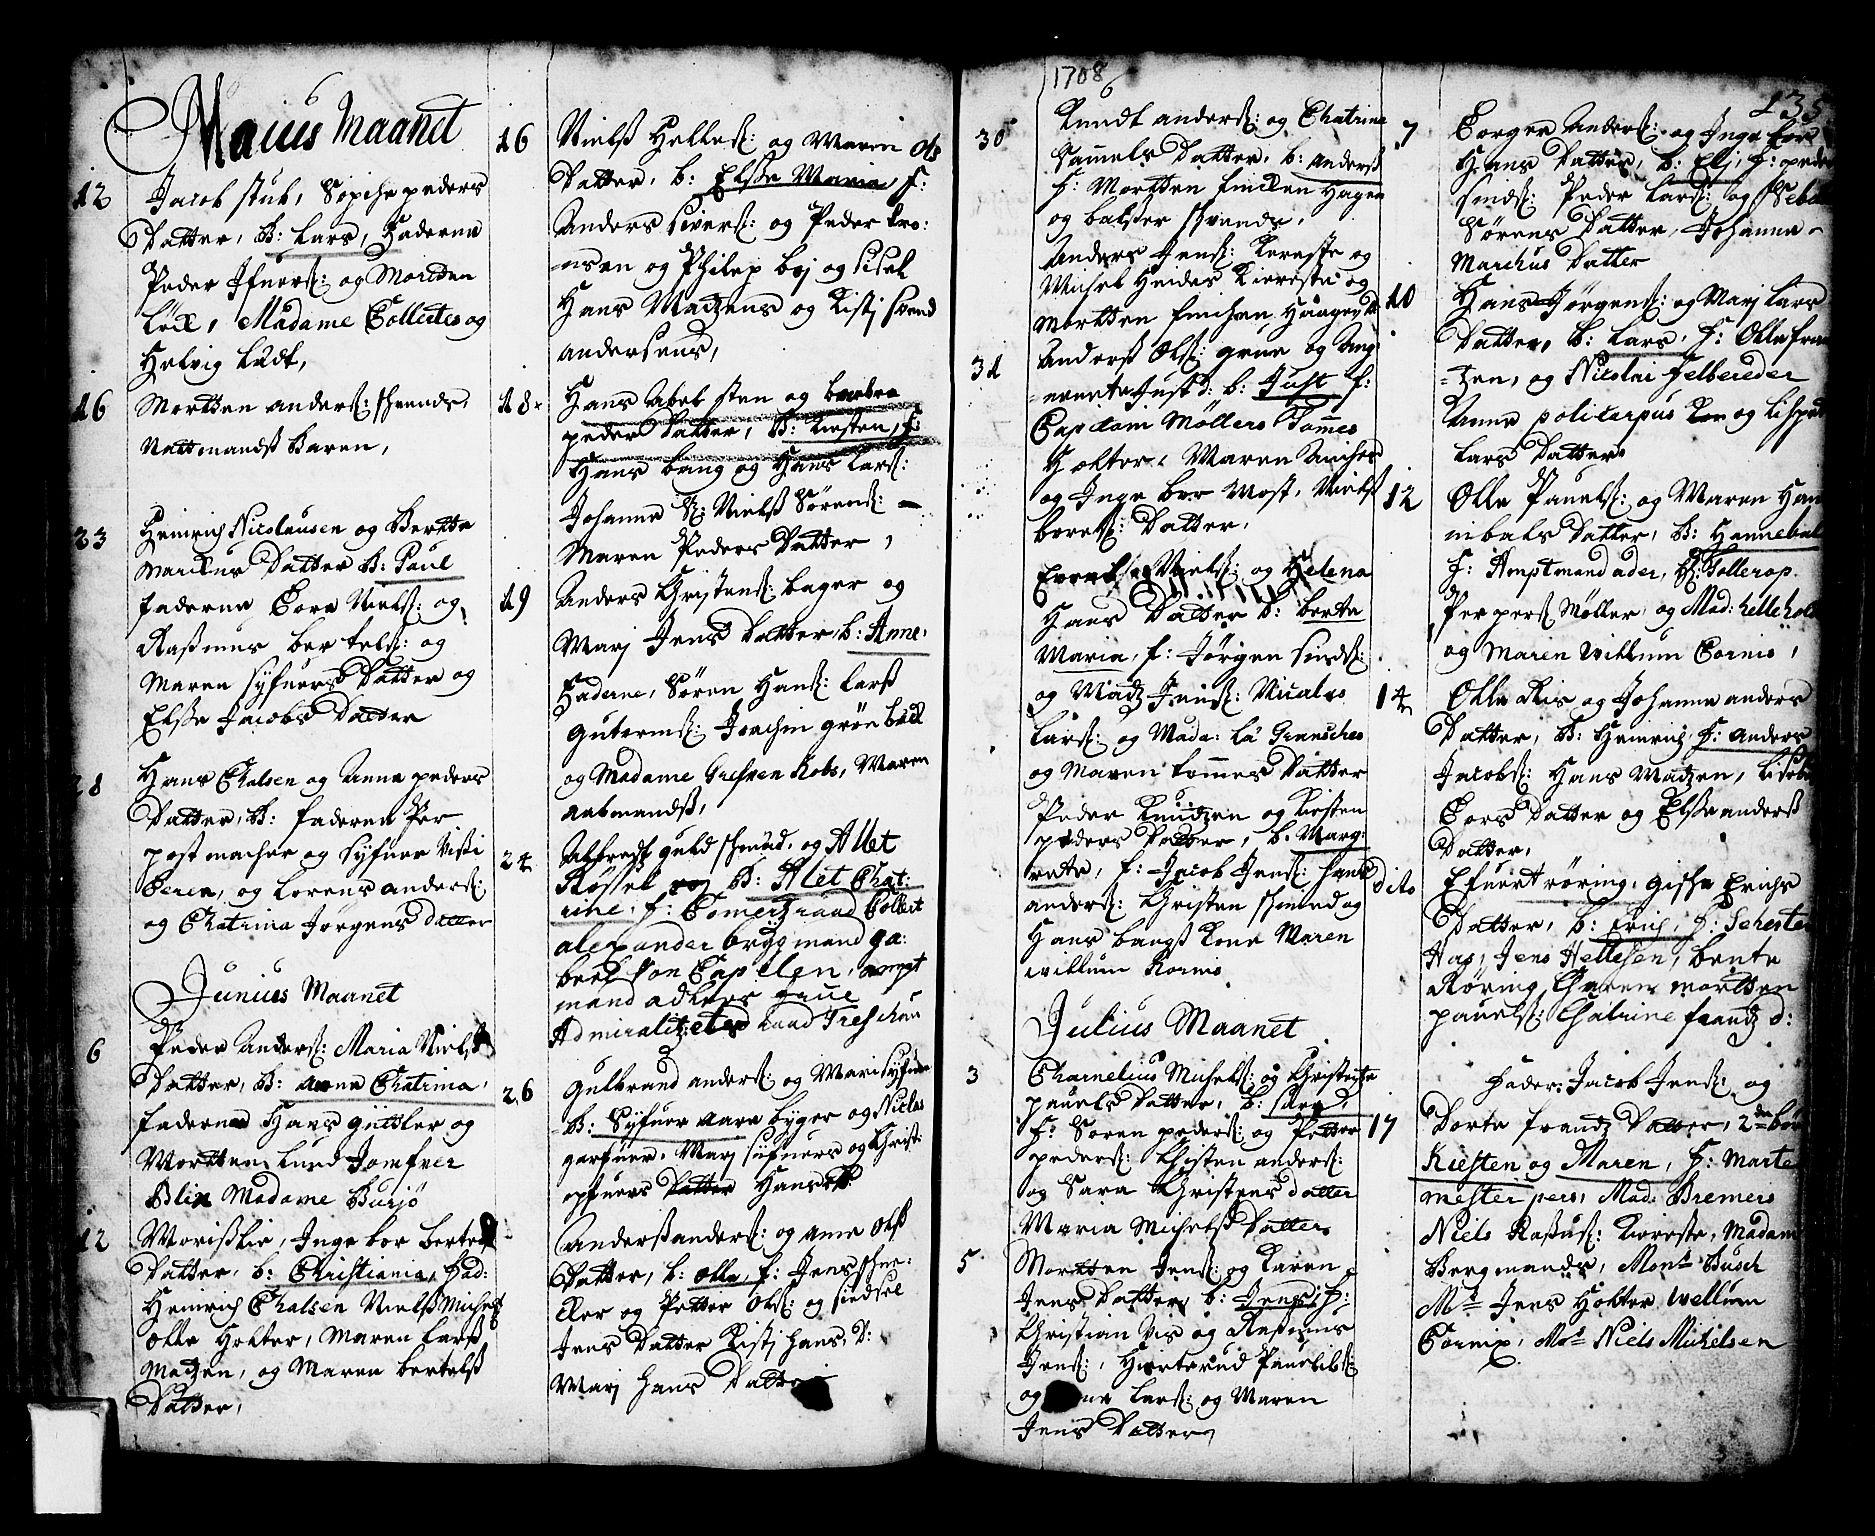 SAO, Oslo domkirke Kirkebøker, F/Fa/L0002: Ministerialbok nr. 2, 1705-1730, s. 135